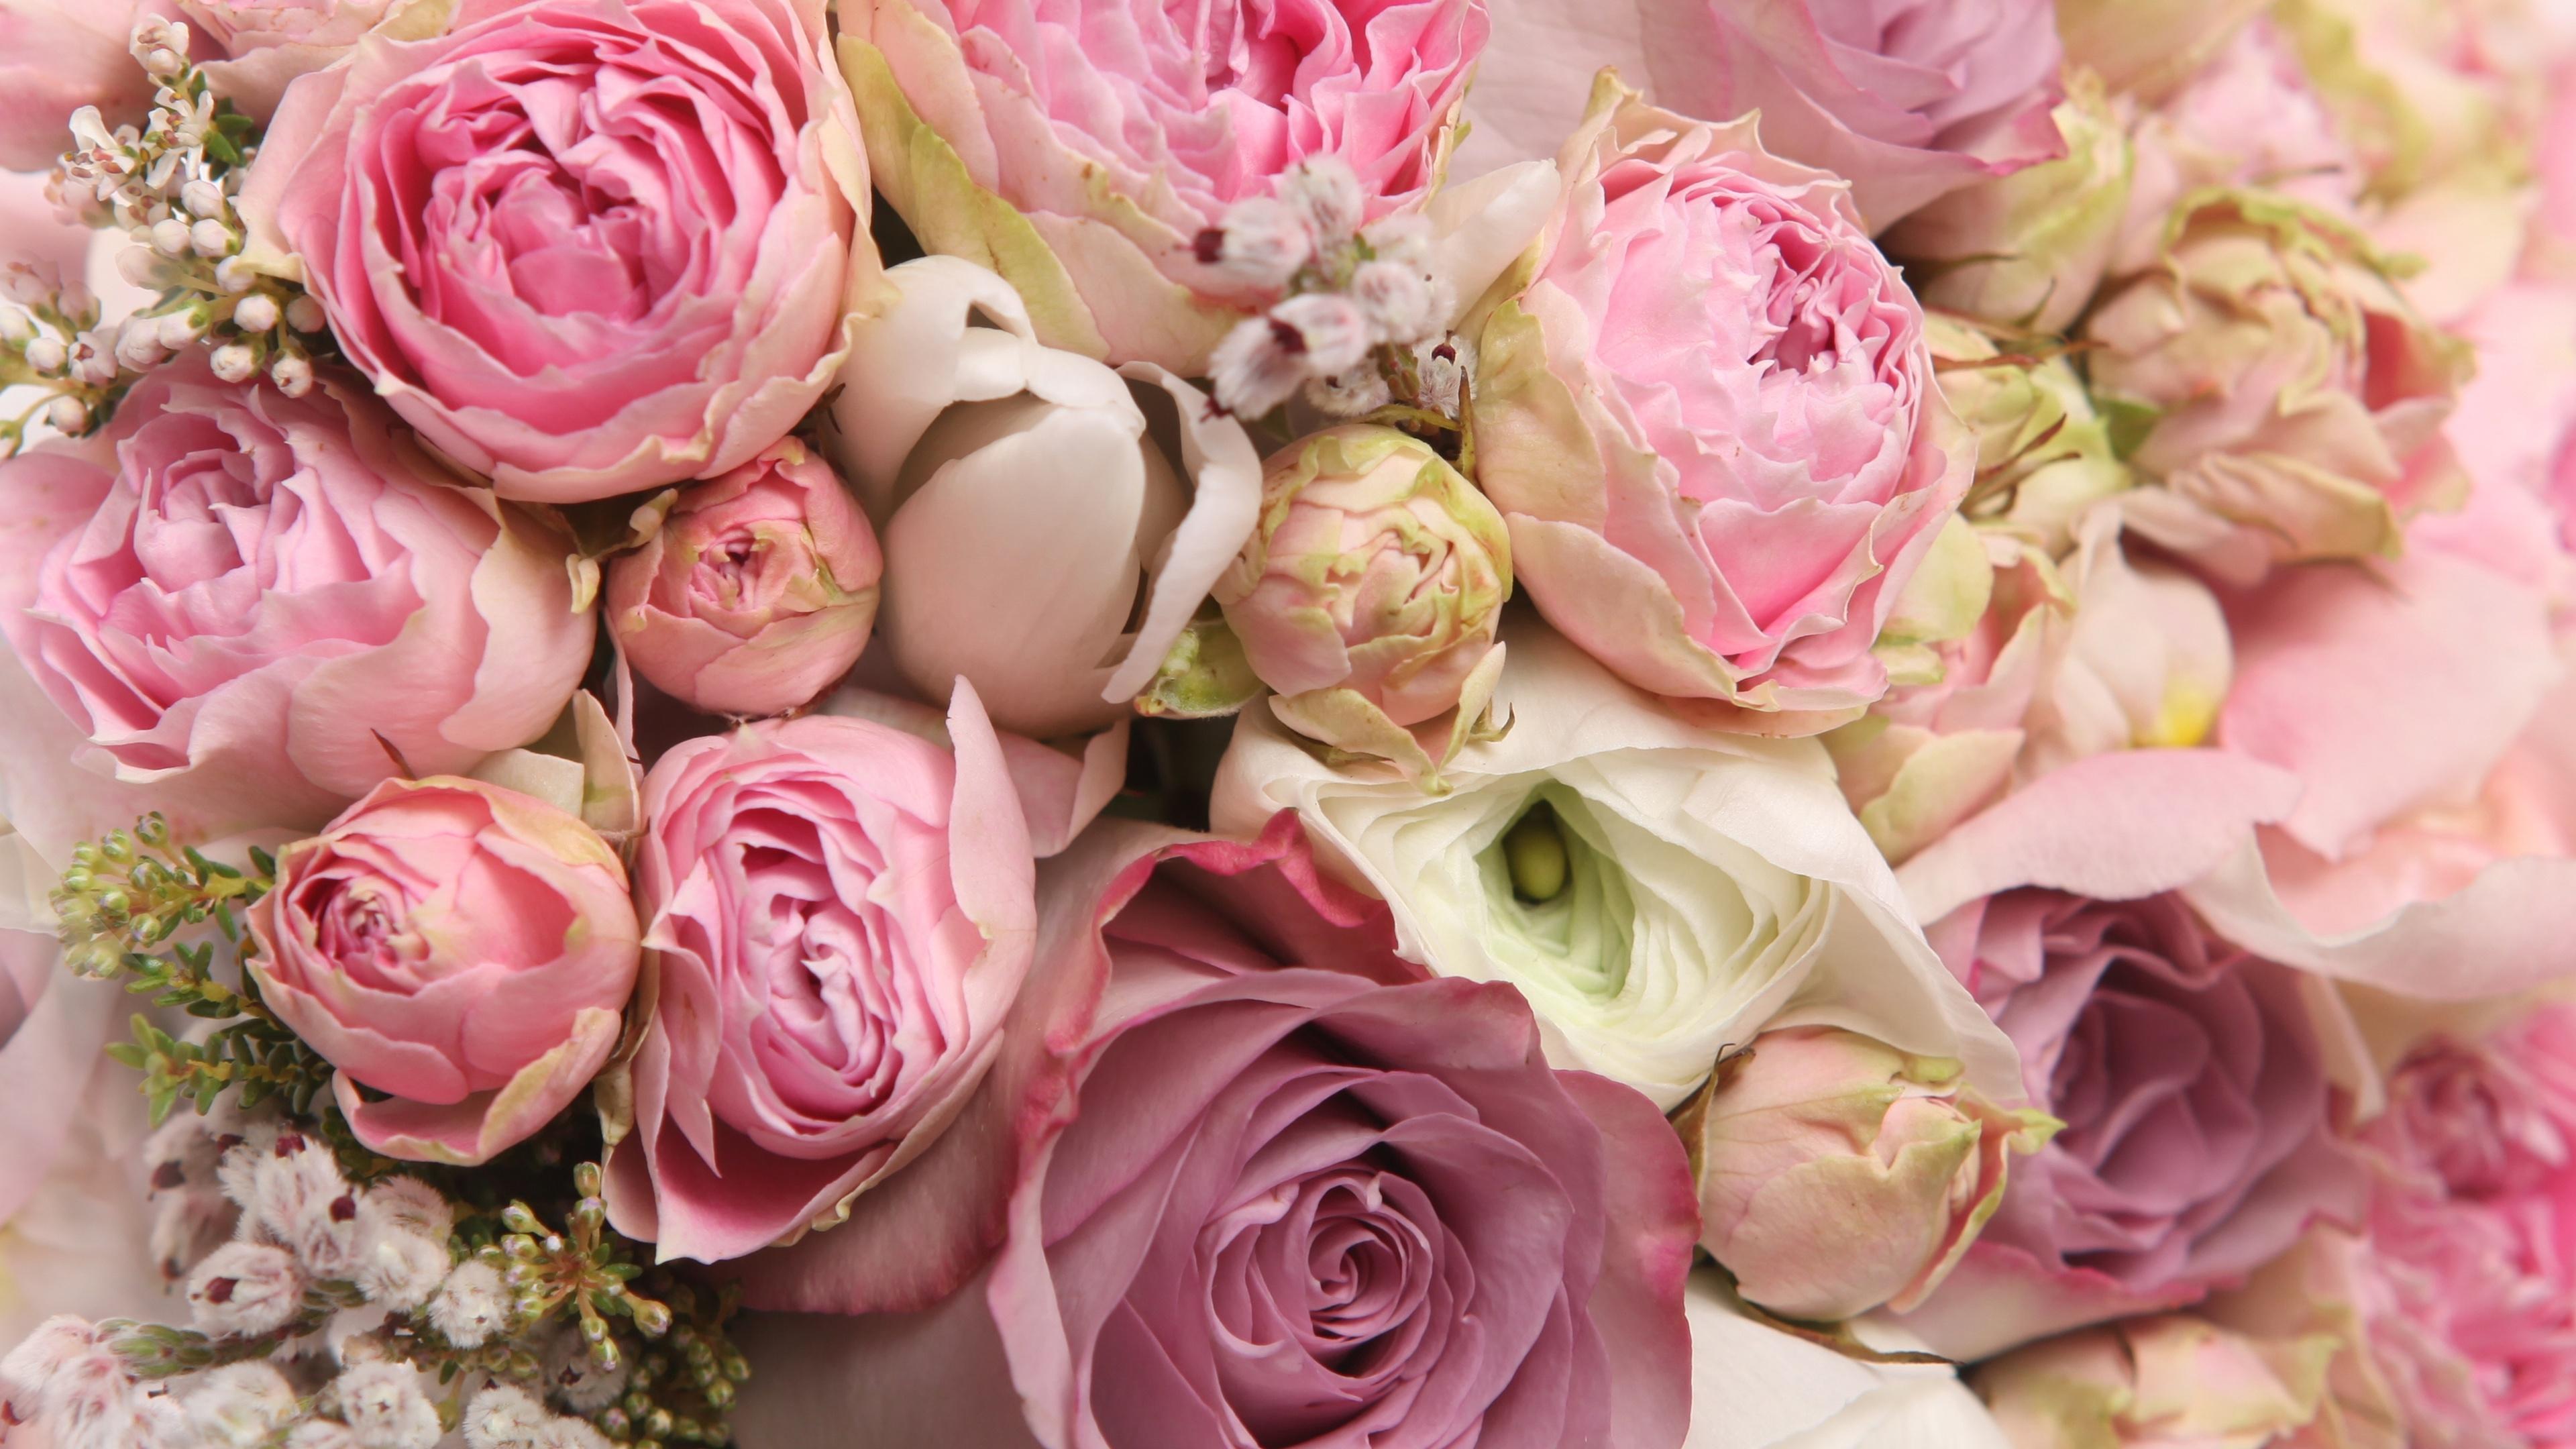 Цветы в отличном качестве